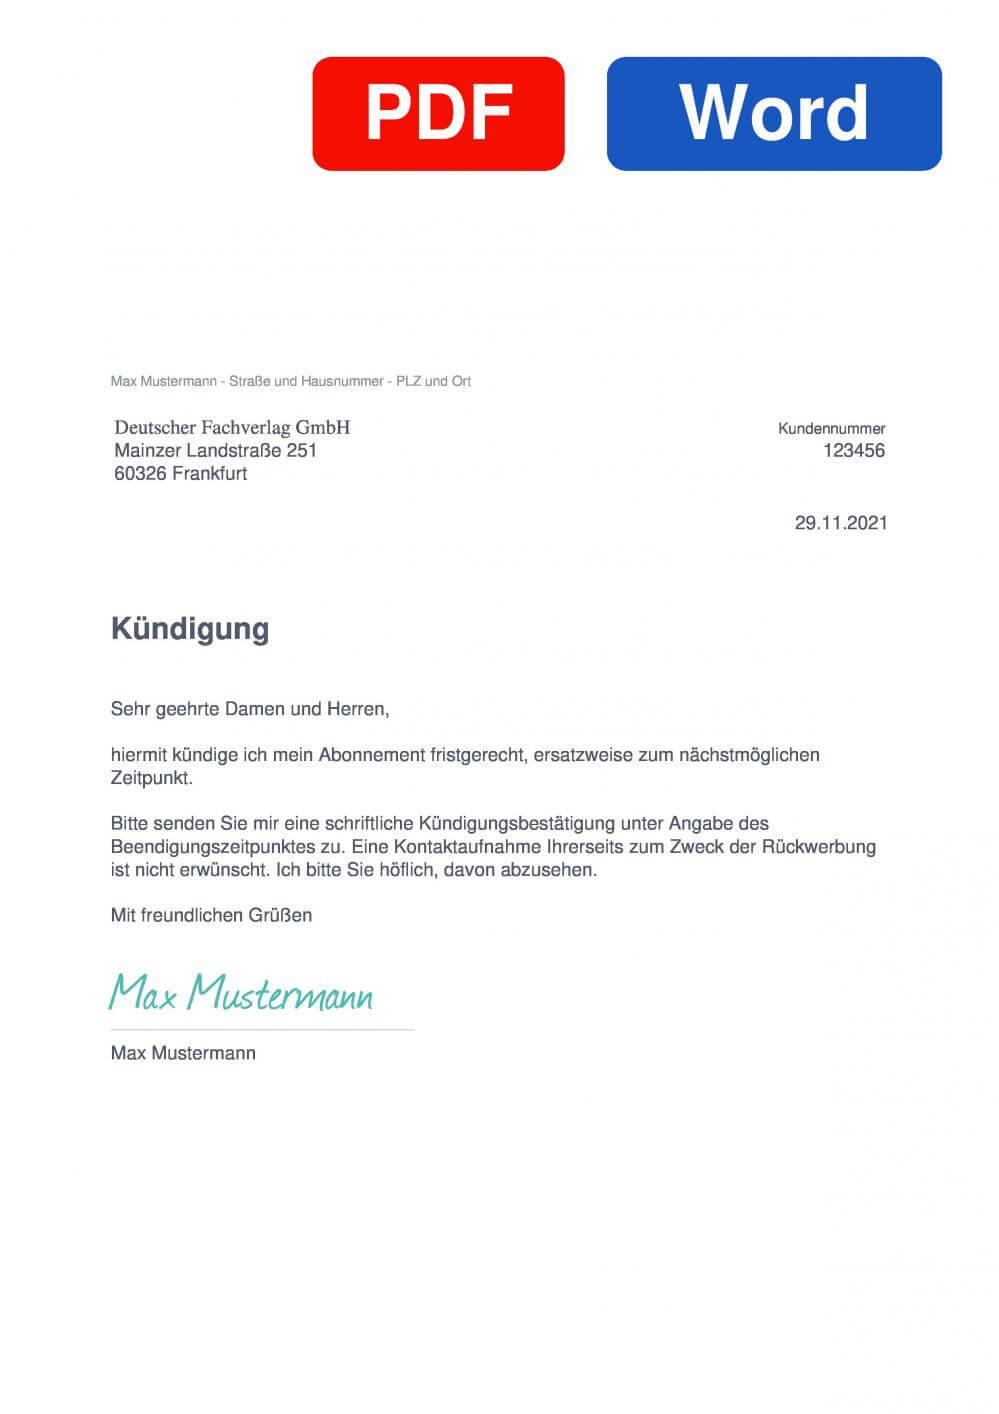 dfv Mediengruppe - Deutscher Fachverlag Muster Vorlage für Kündigungsschreiben